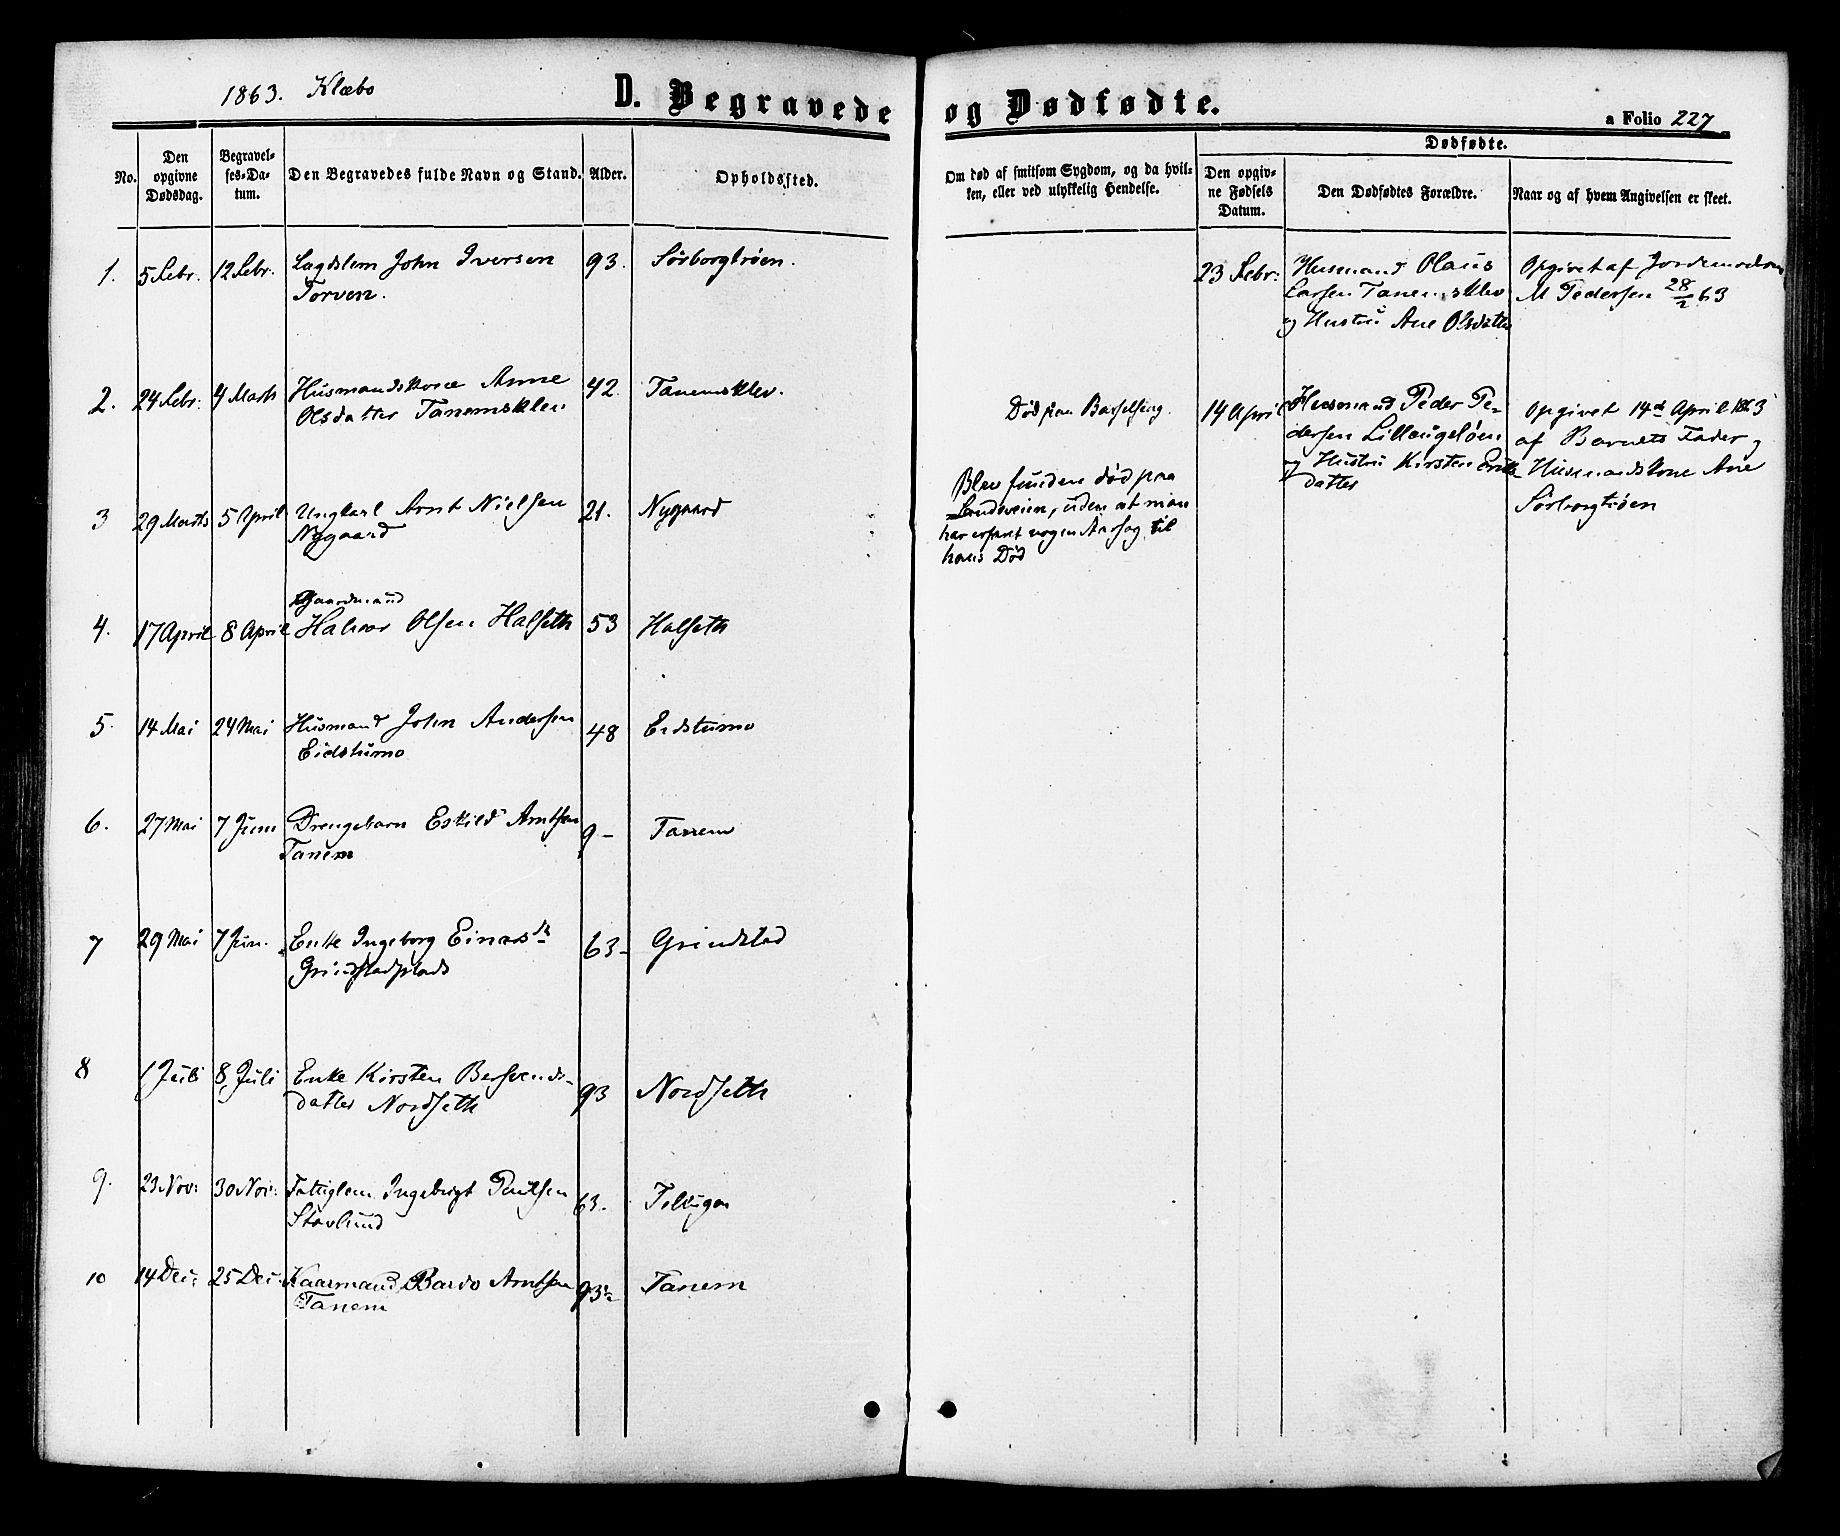 SAT, Ministerialprotokoller, klokkerbøker og fødselsregistre - Sør-Trøndelag, 618/L0442: Ministerialbok nr. 618A06 /1, 1863-1879, s. 227